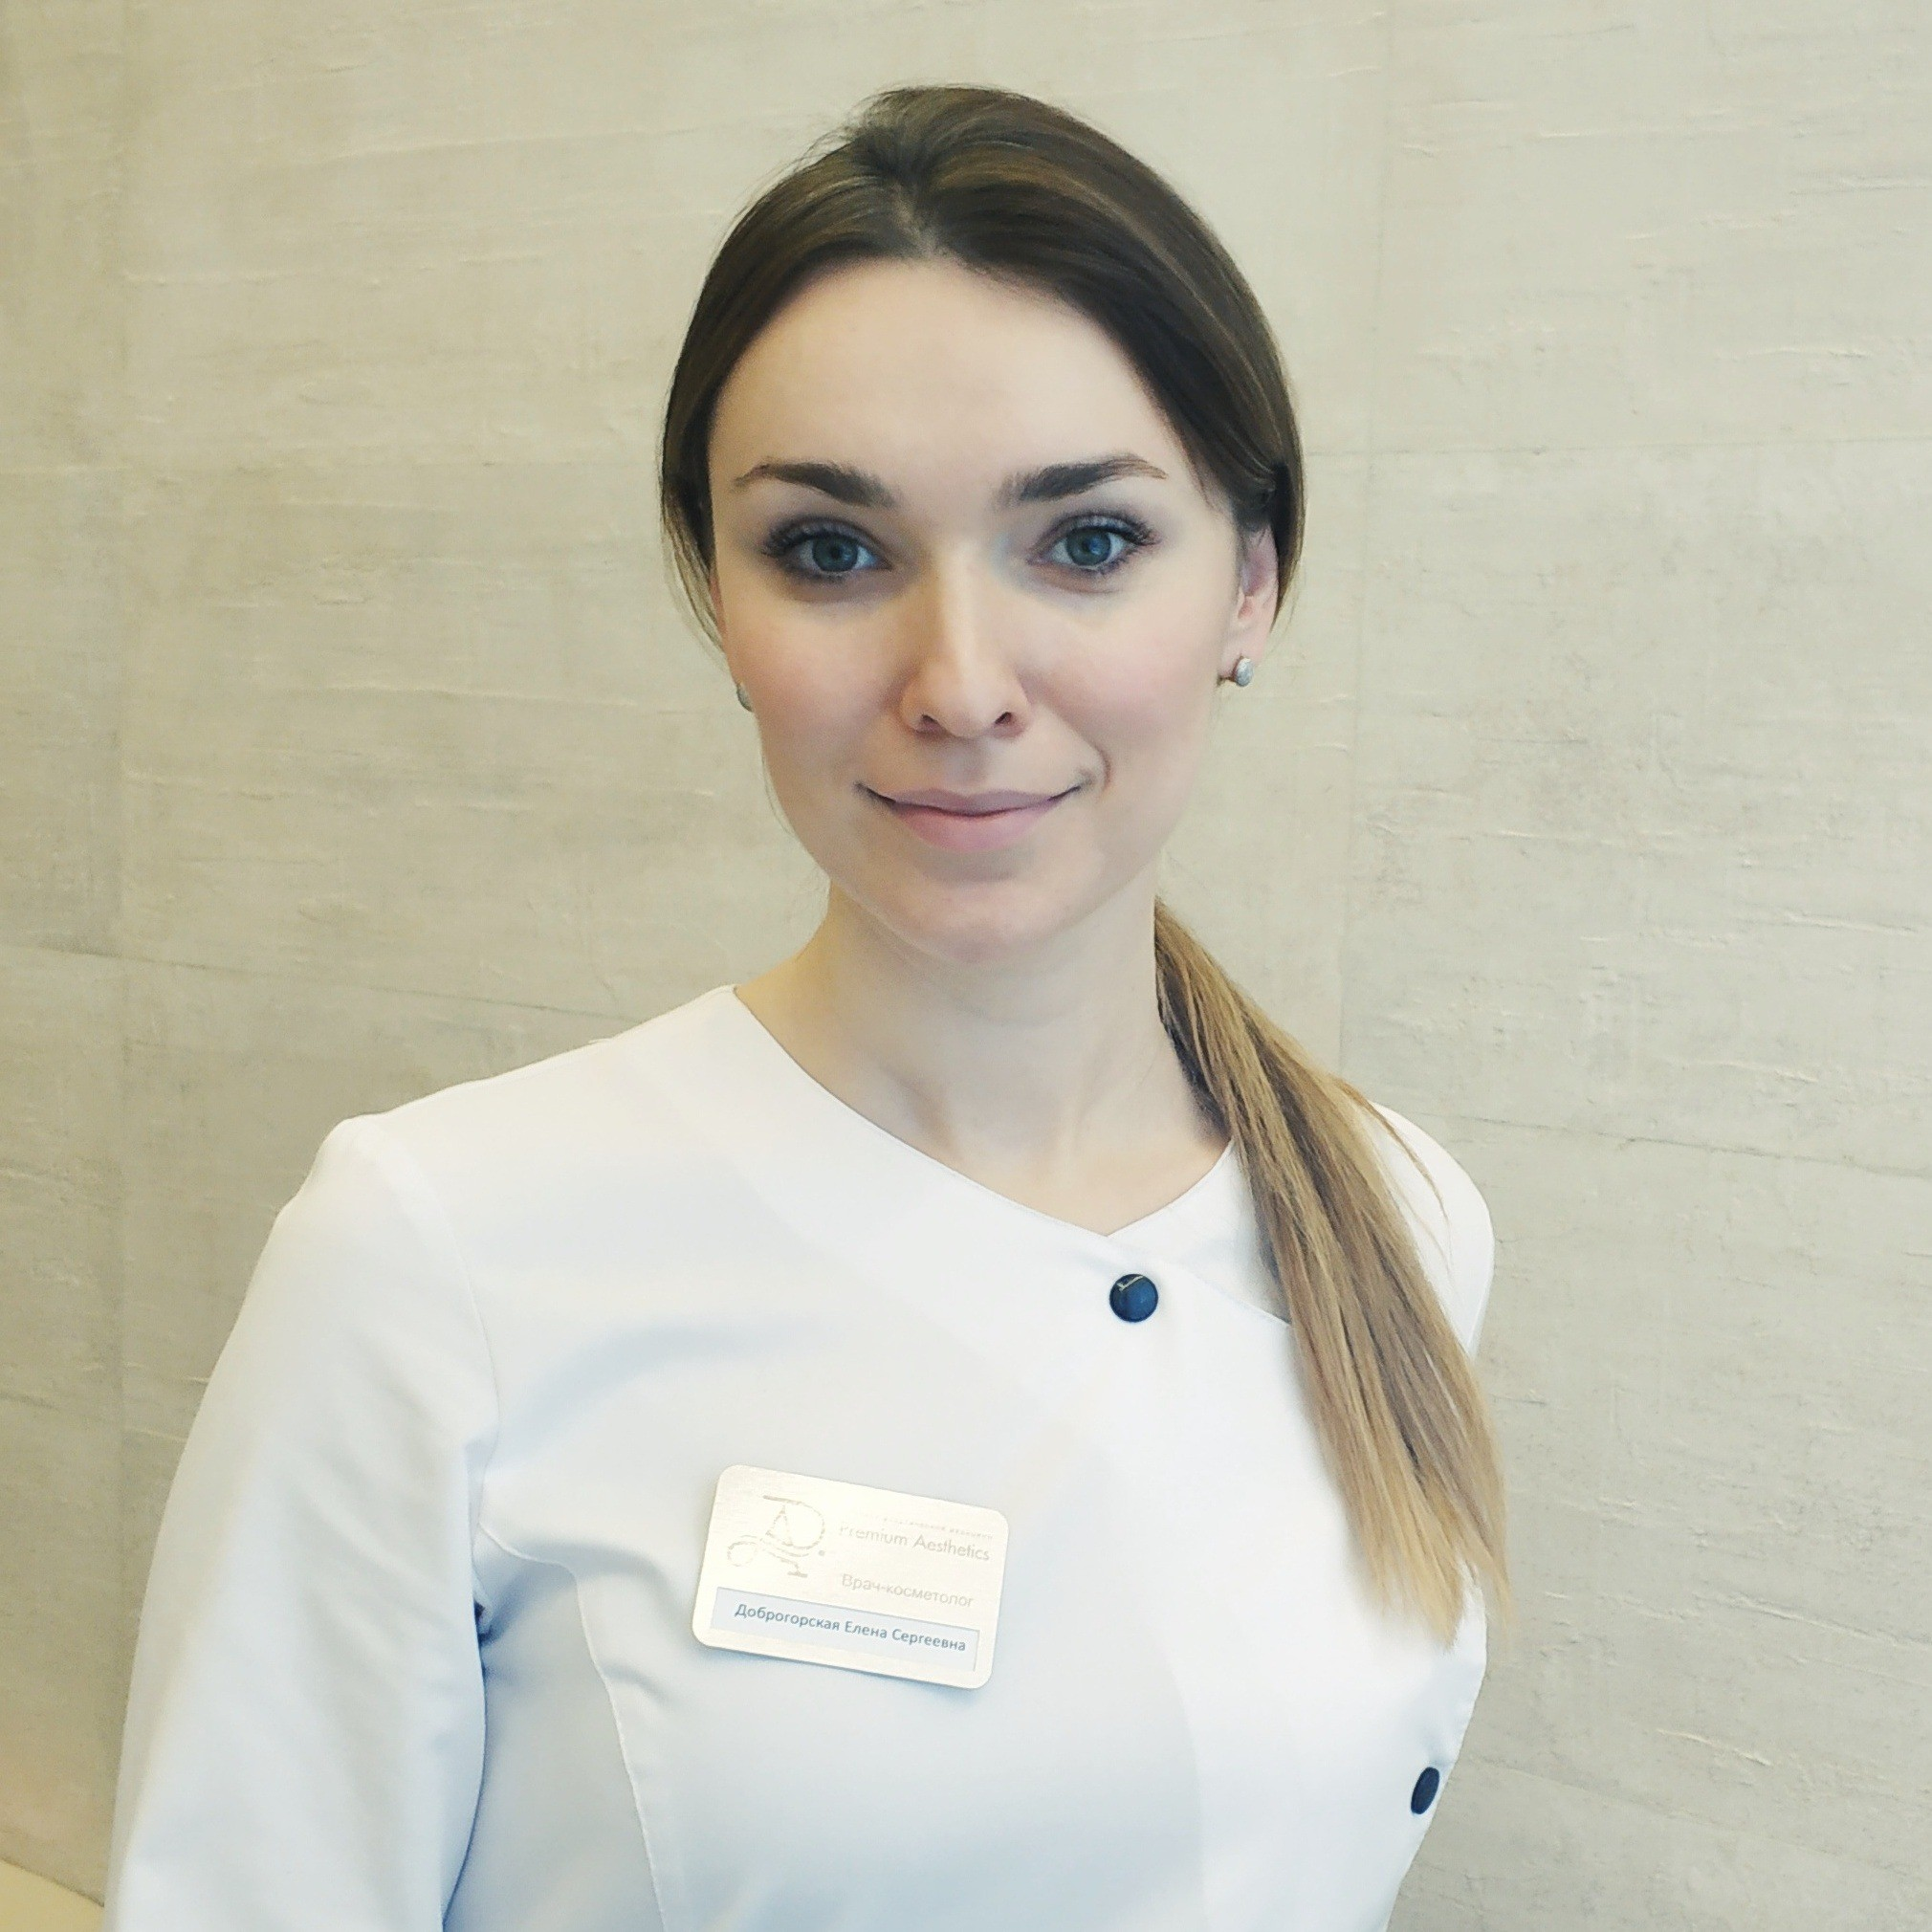 Елена Доброгорская, дерматокосметолог, трихолог клиники эстетической медицины «Премиум Эстетикс»